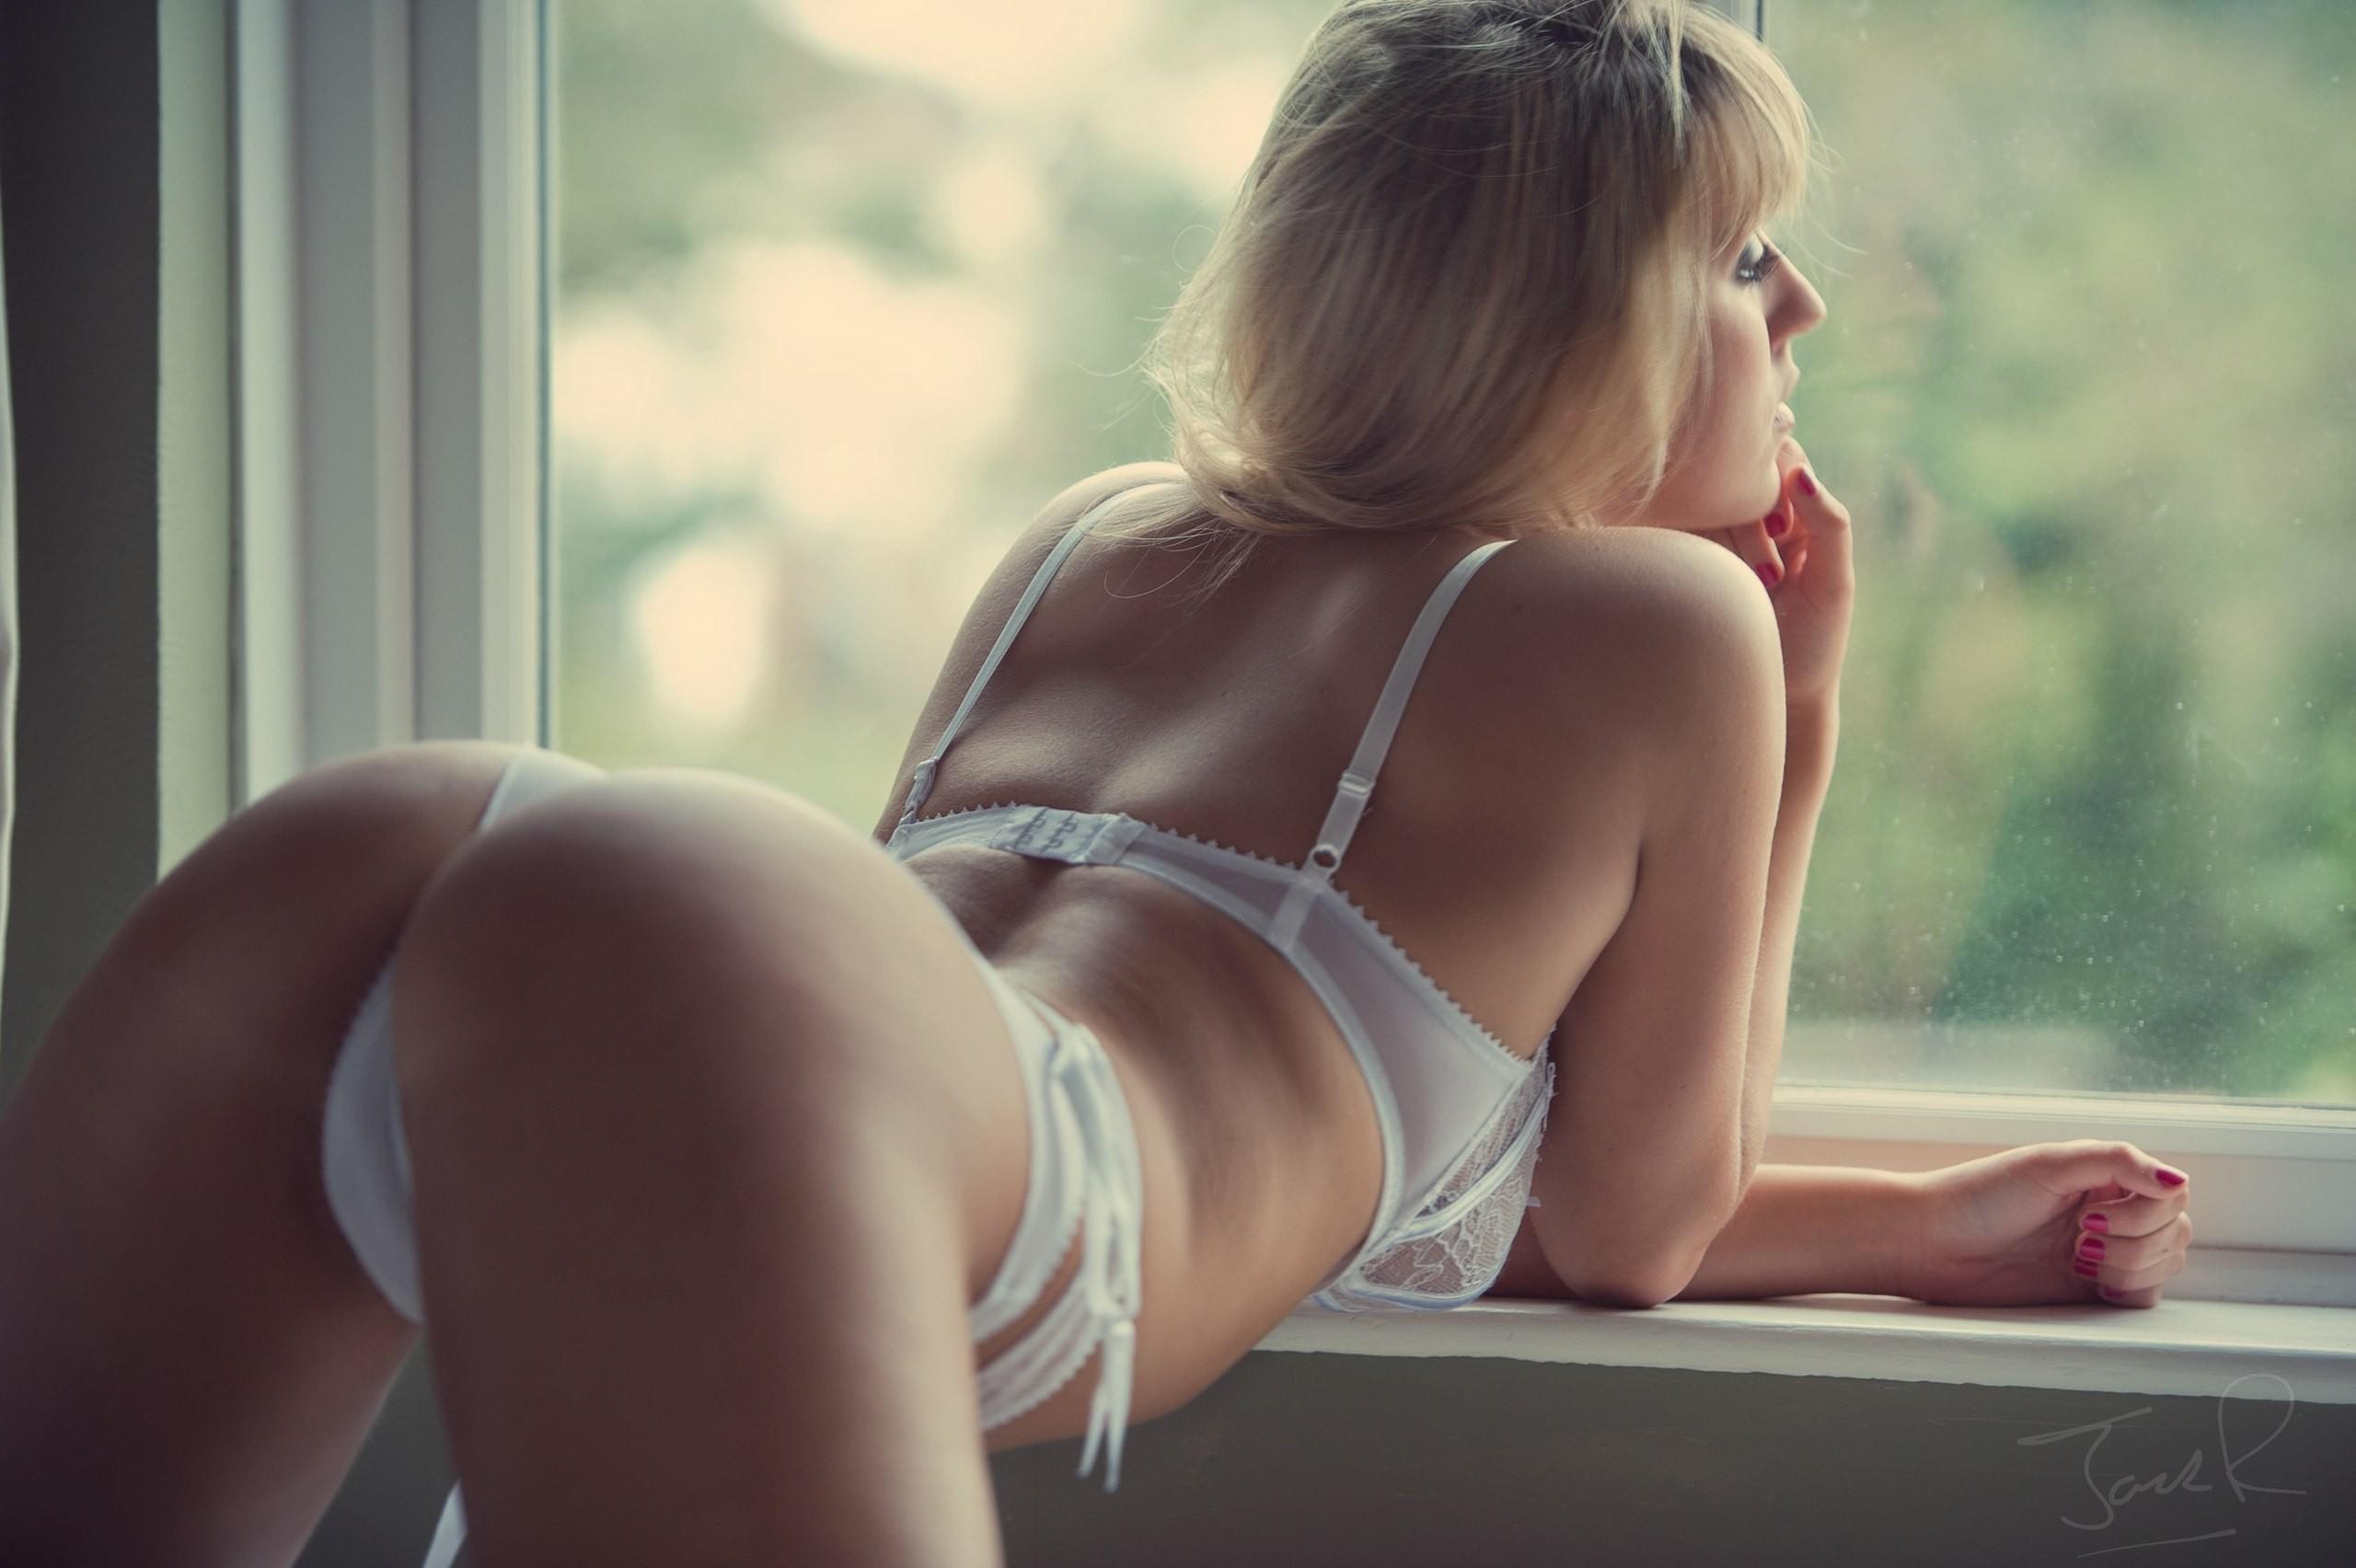 Зрелая тётка дала по пьяни порно фото бесплатно